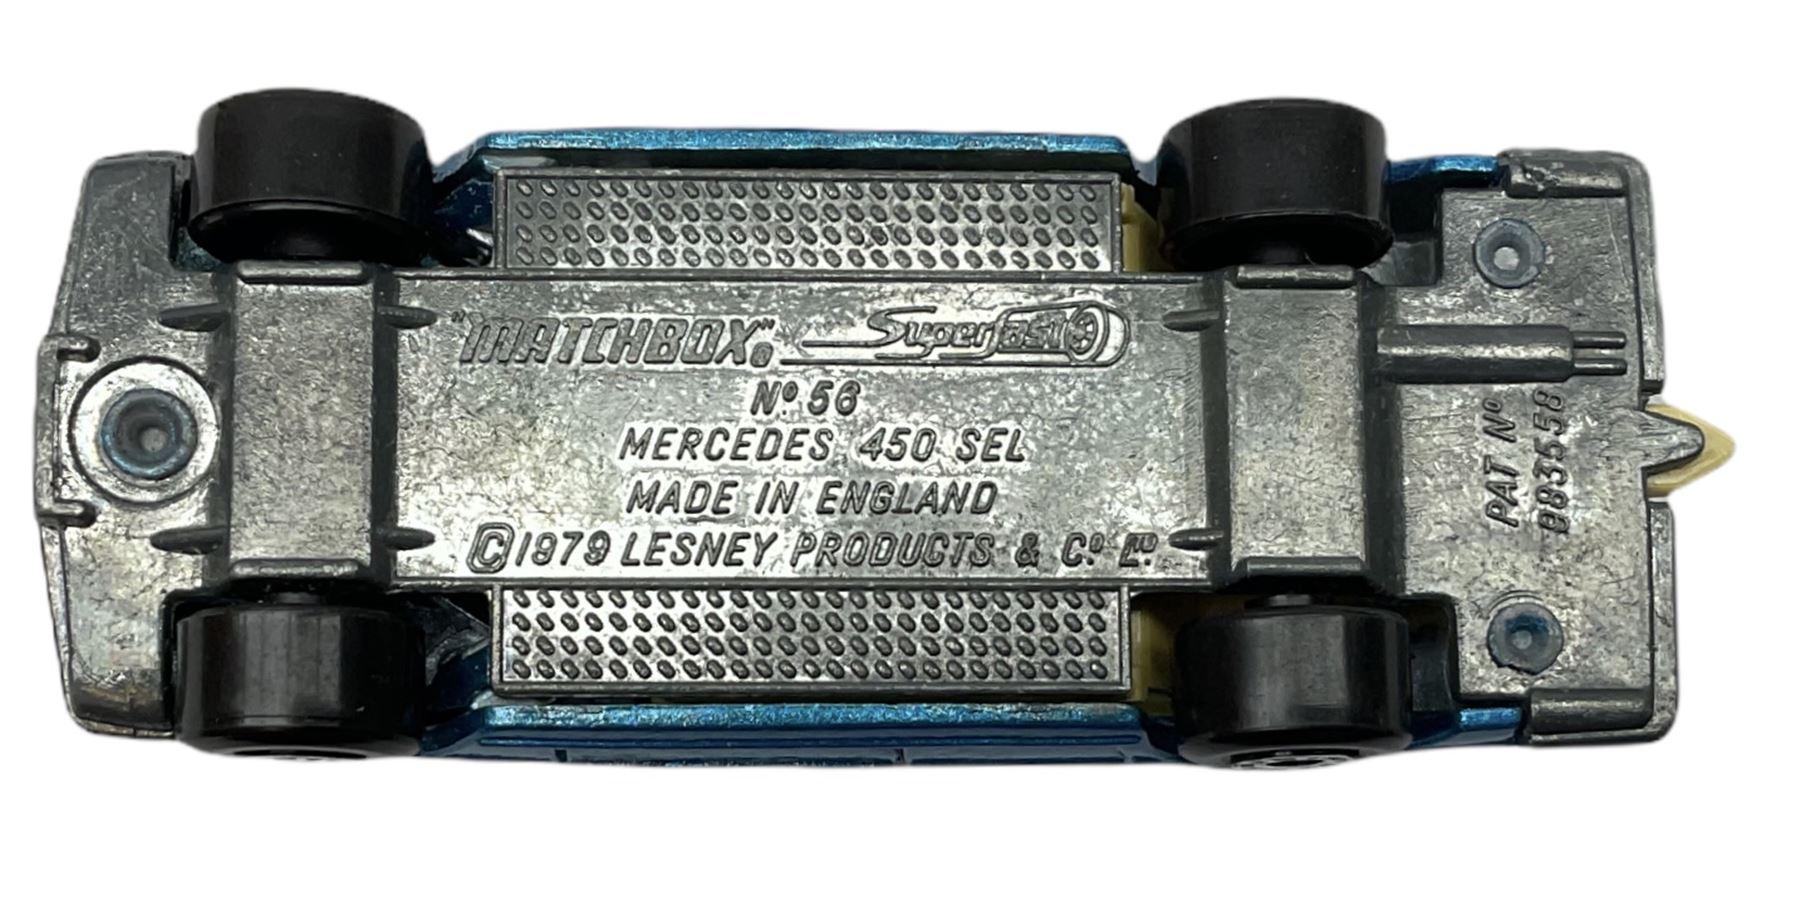 Matchbox/Superfast - eleven '1-75' series models comprising 53f Flareside Pick-Up - Image 6 of 7